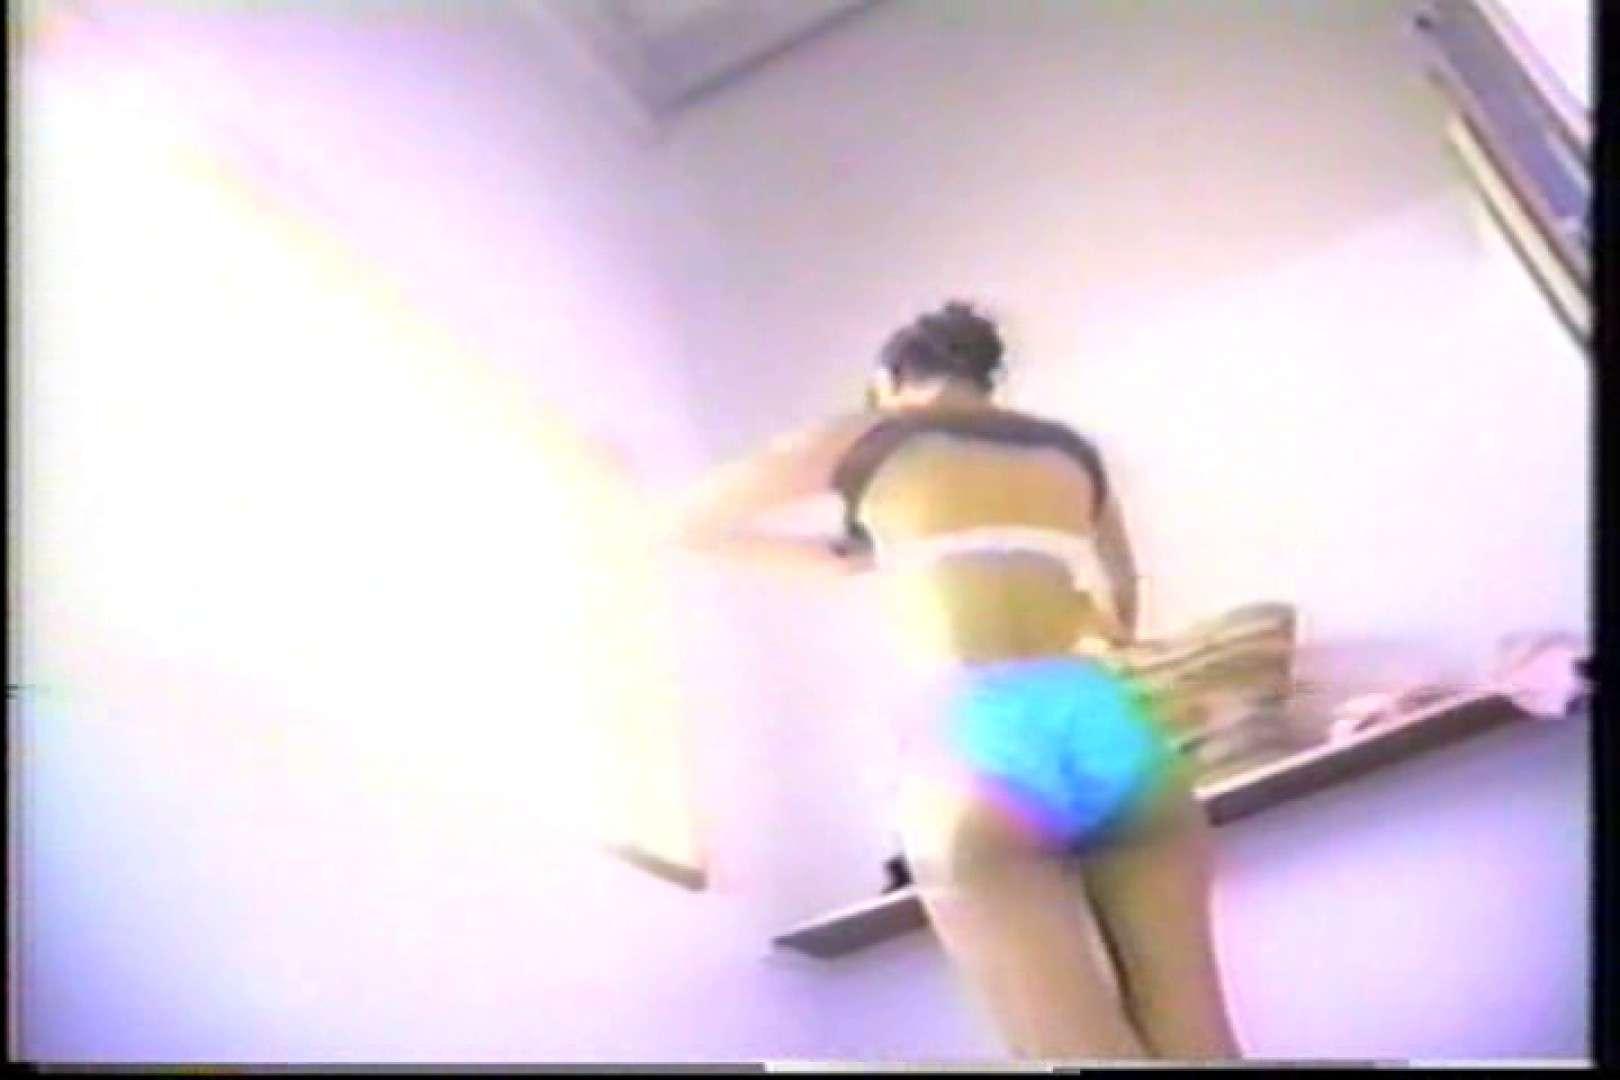 海の家の個室更衣室盗撮 全身全裸が丸見え TK-95 盗撮 オマンコ動画キャプチャ 87PIX 28